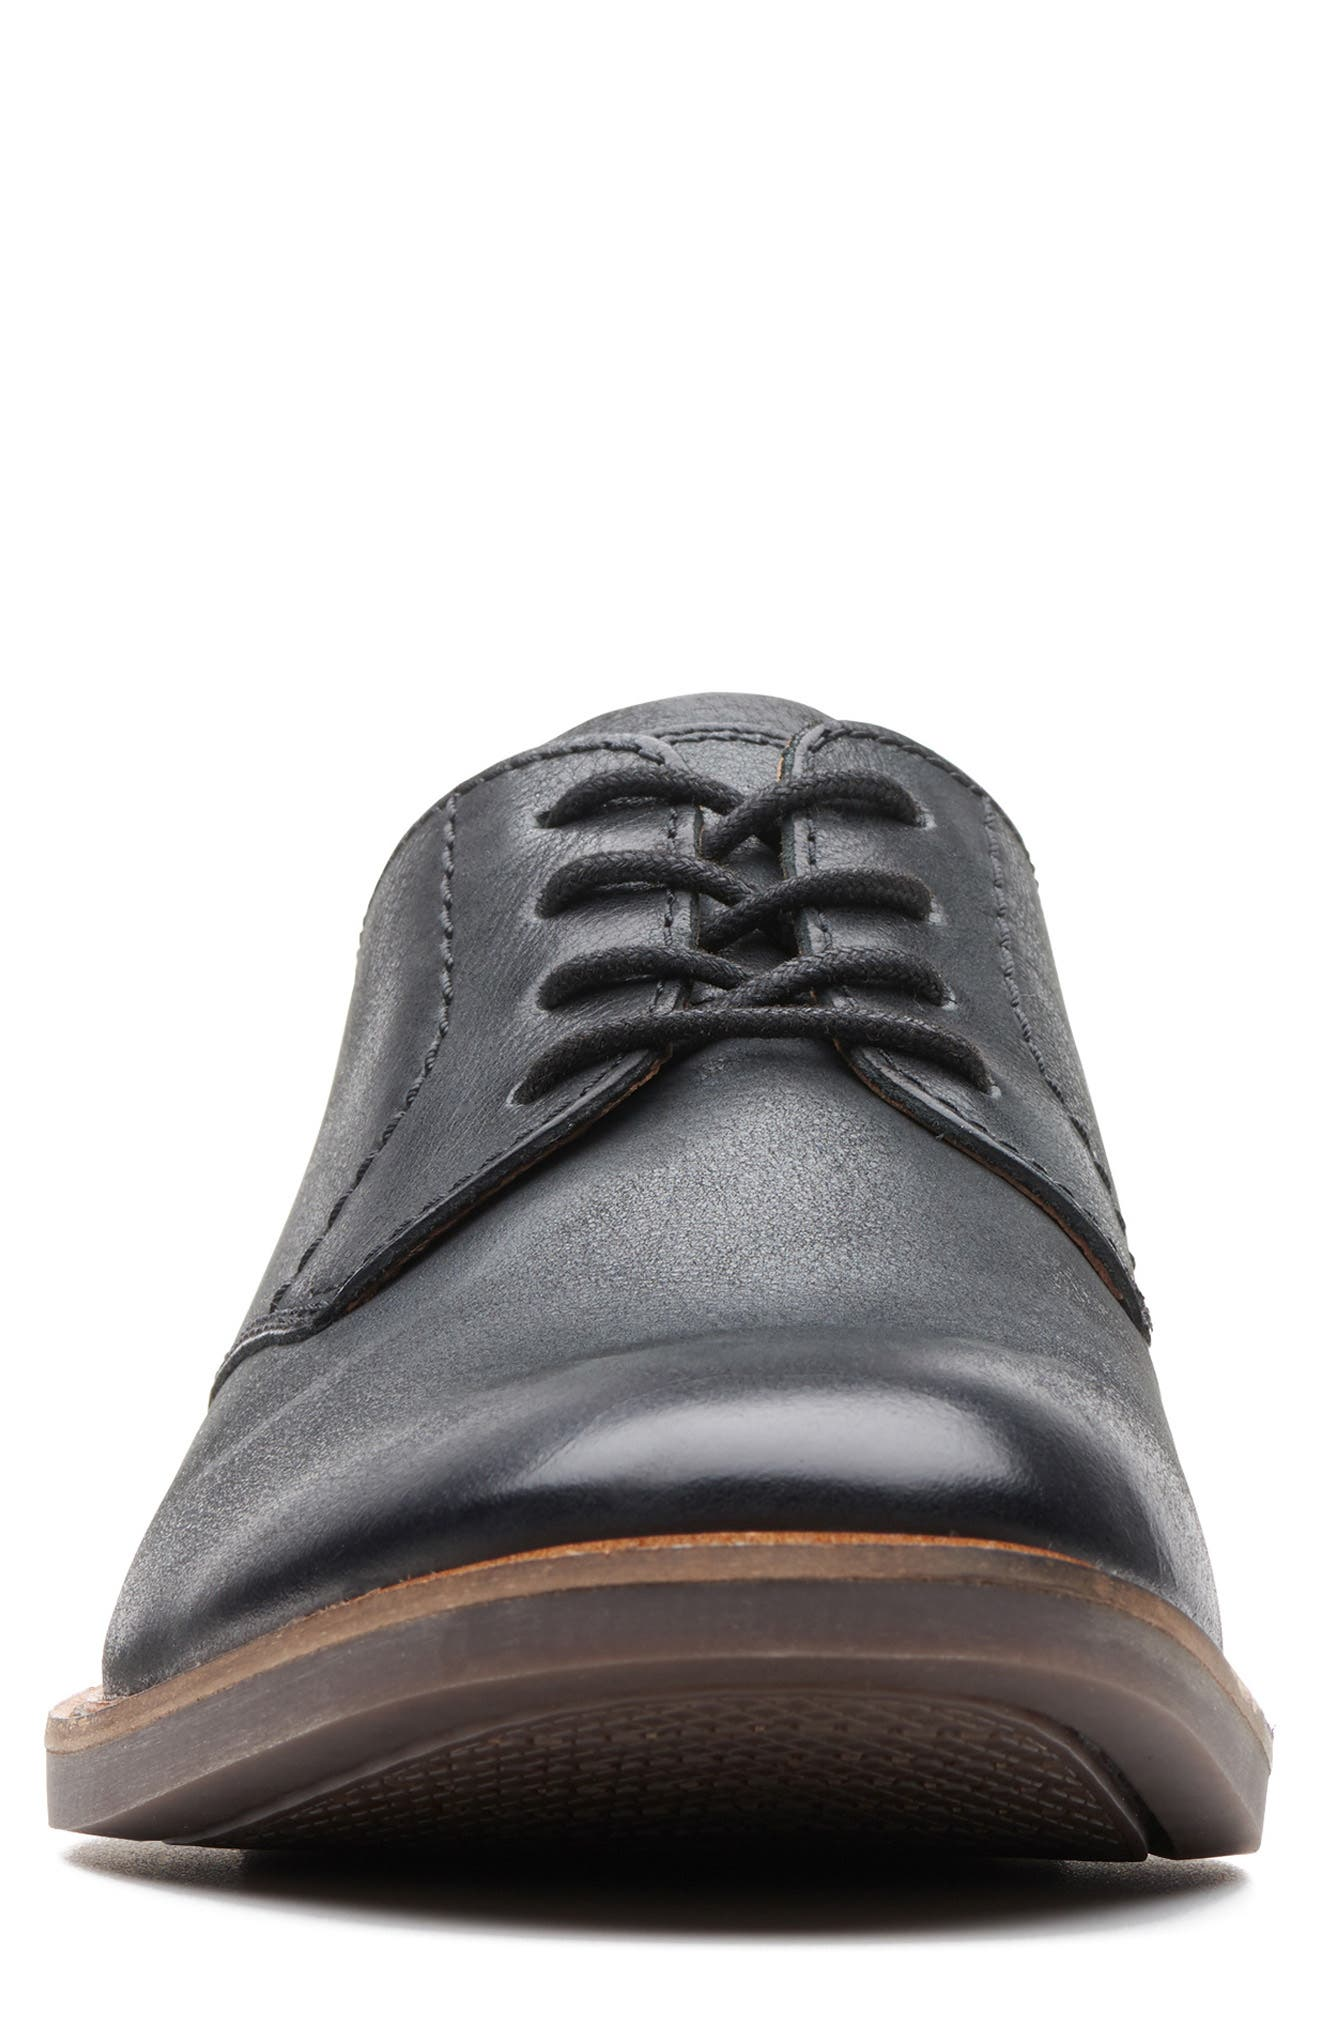 CLARKS<SUP>®</SUP>, Atticus Plain Toe Derby, Alternate thumbnail 3, color, BLACK LEATHER